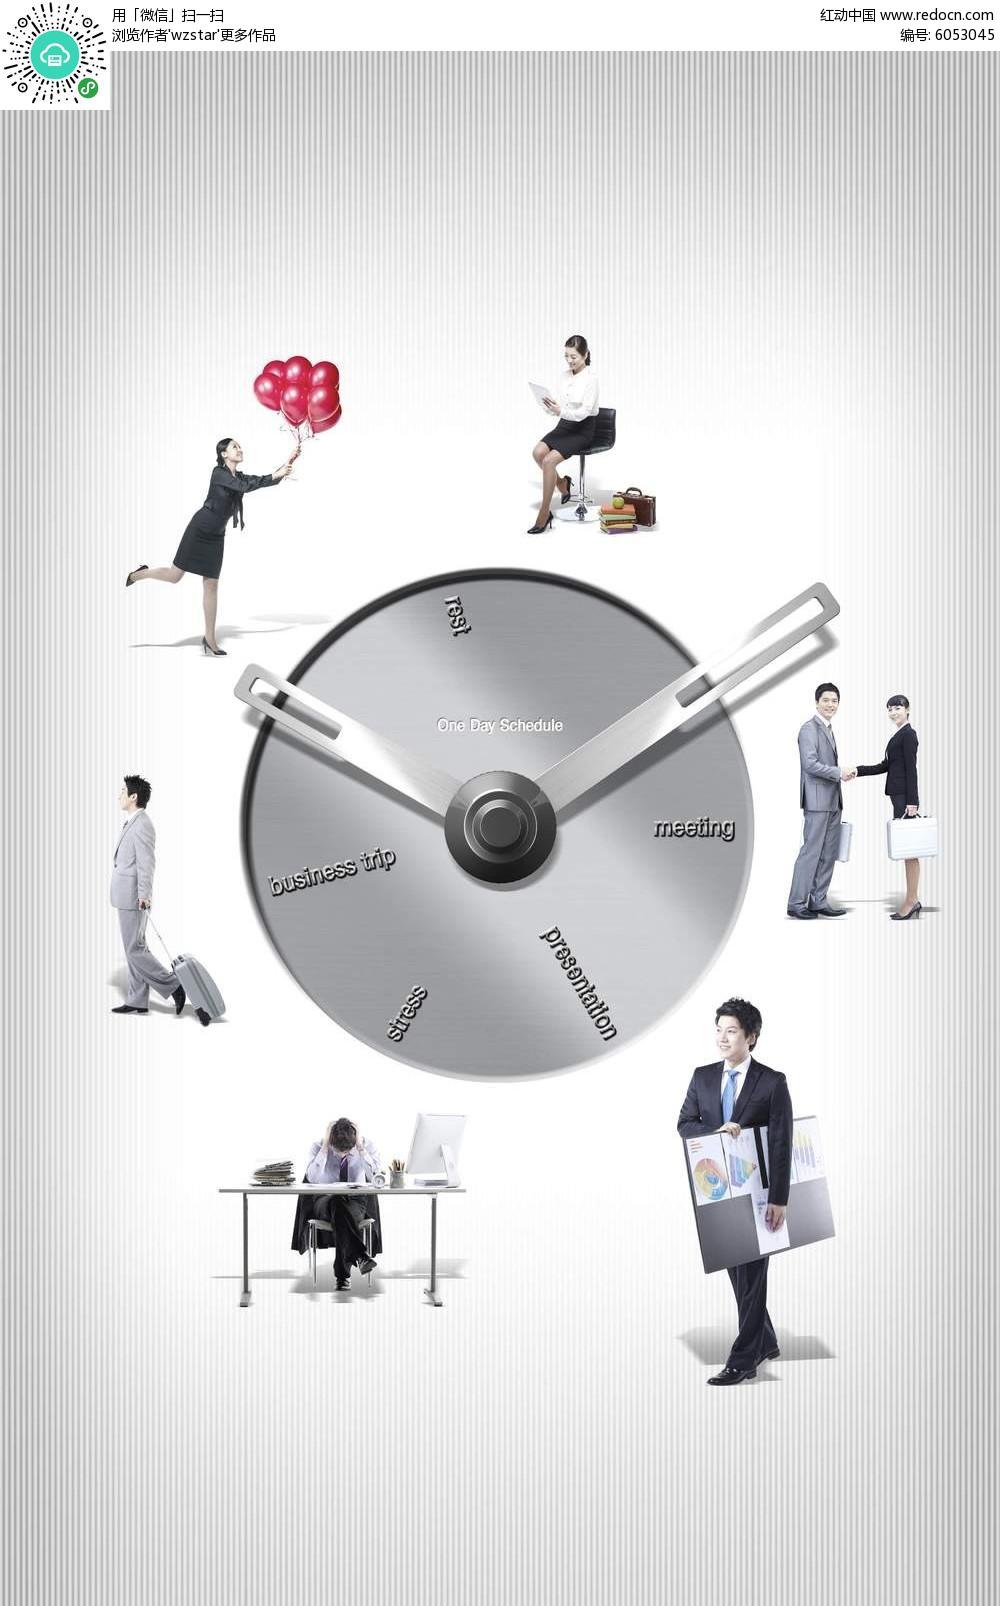 生活安排时钟创意海报背景素材